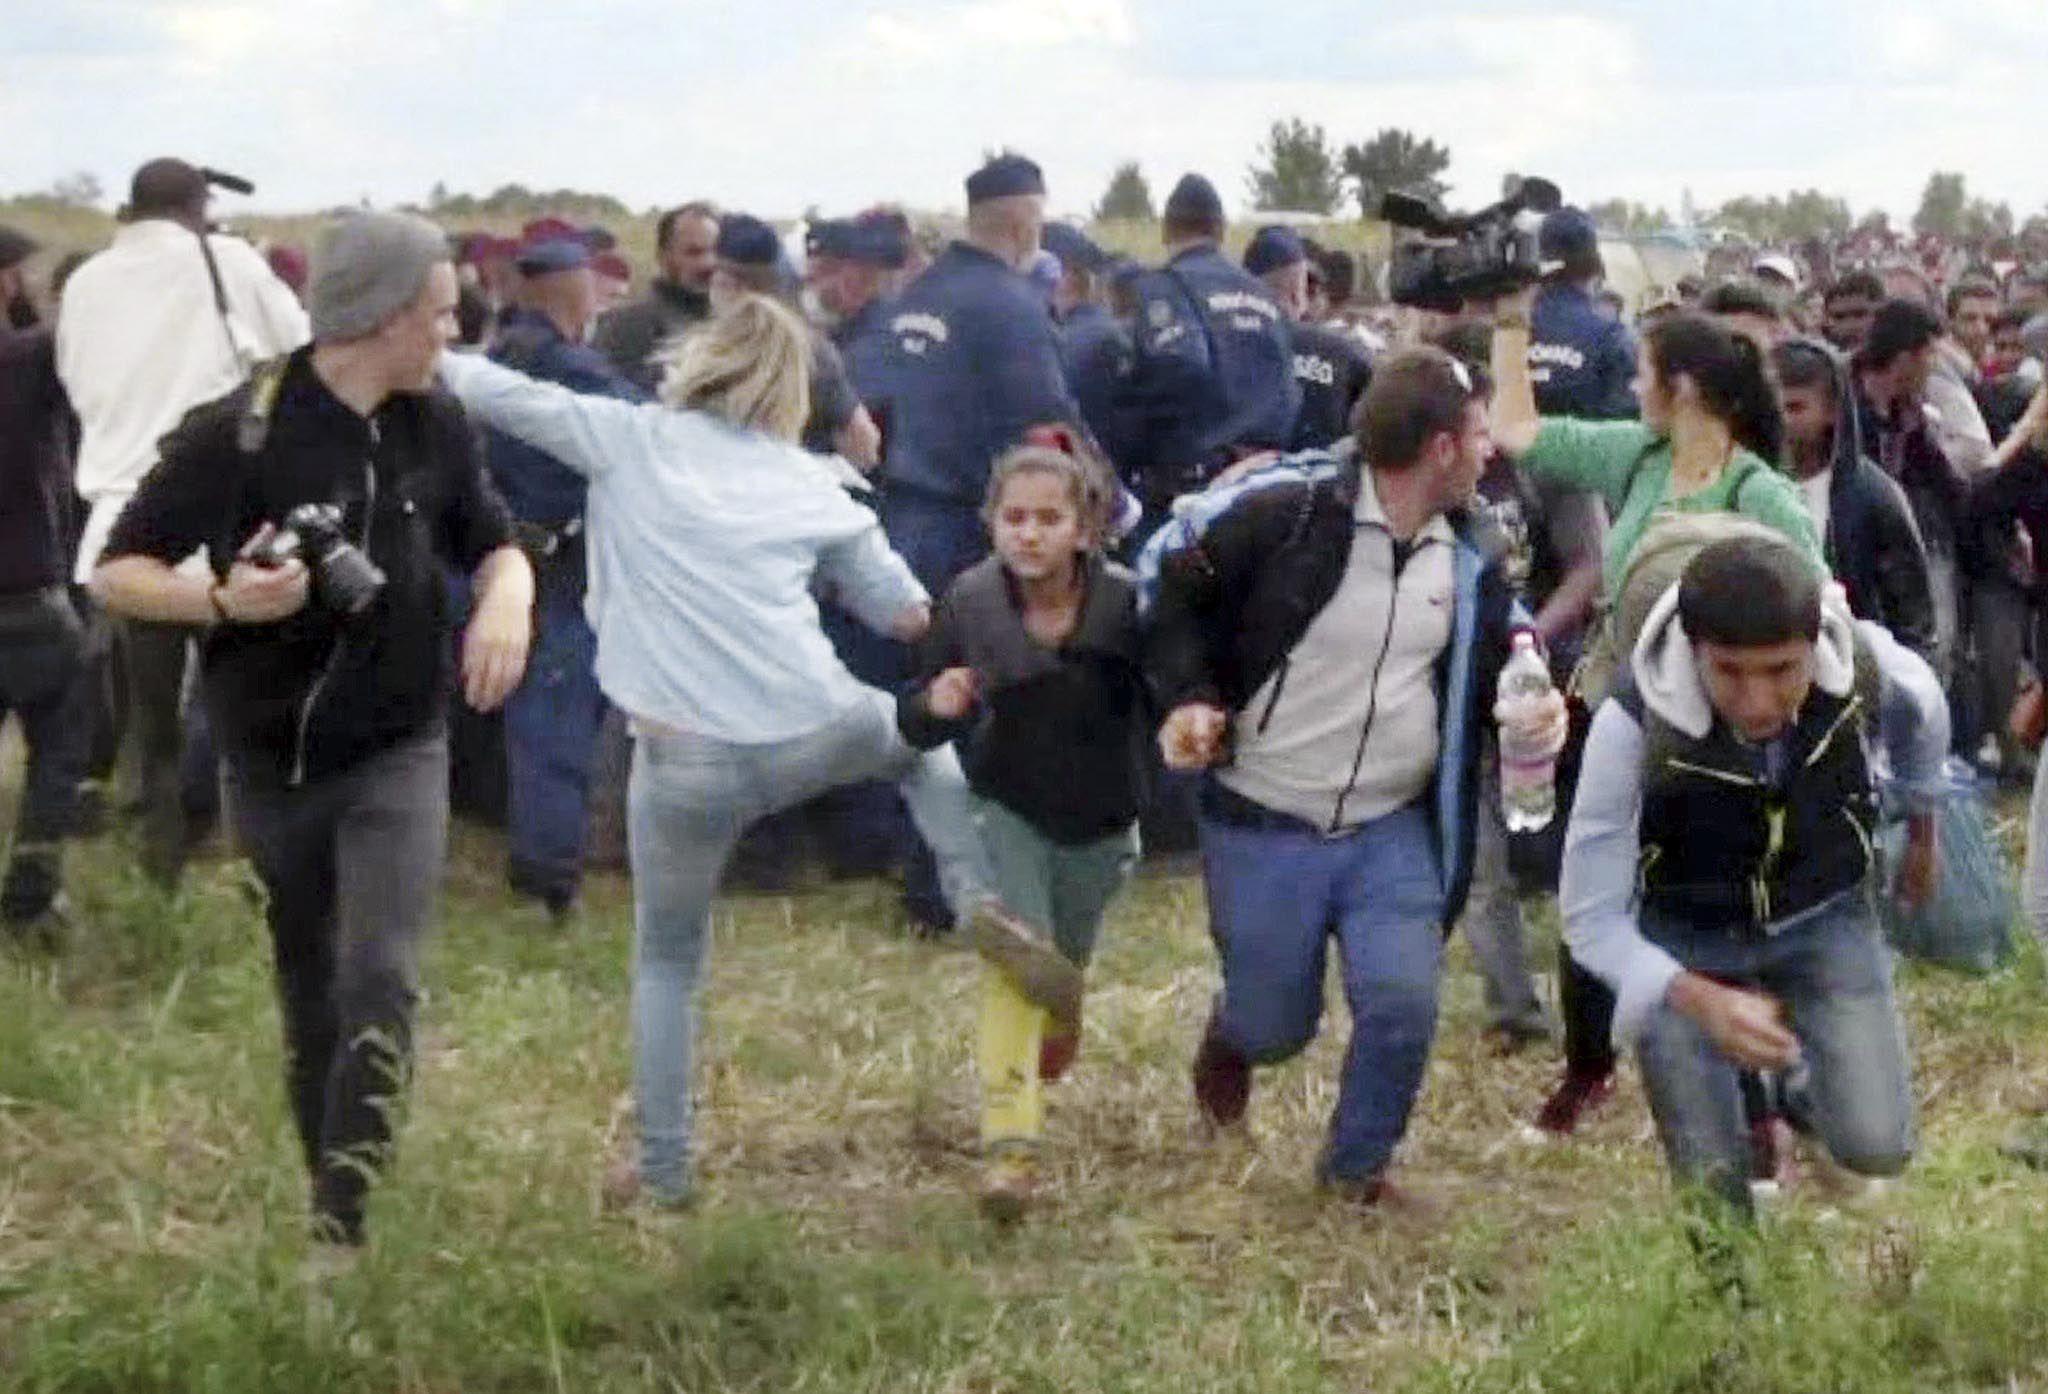 Indignante. La reportera de un canal húngaro que aplicó patadas y zancadillas a refugiados no se disculpó.